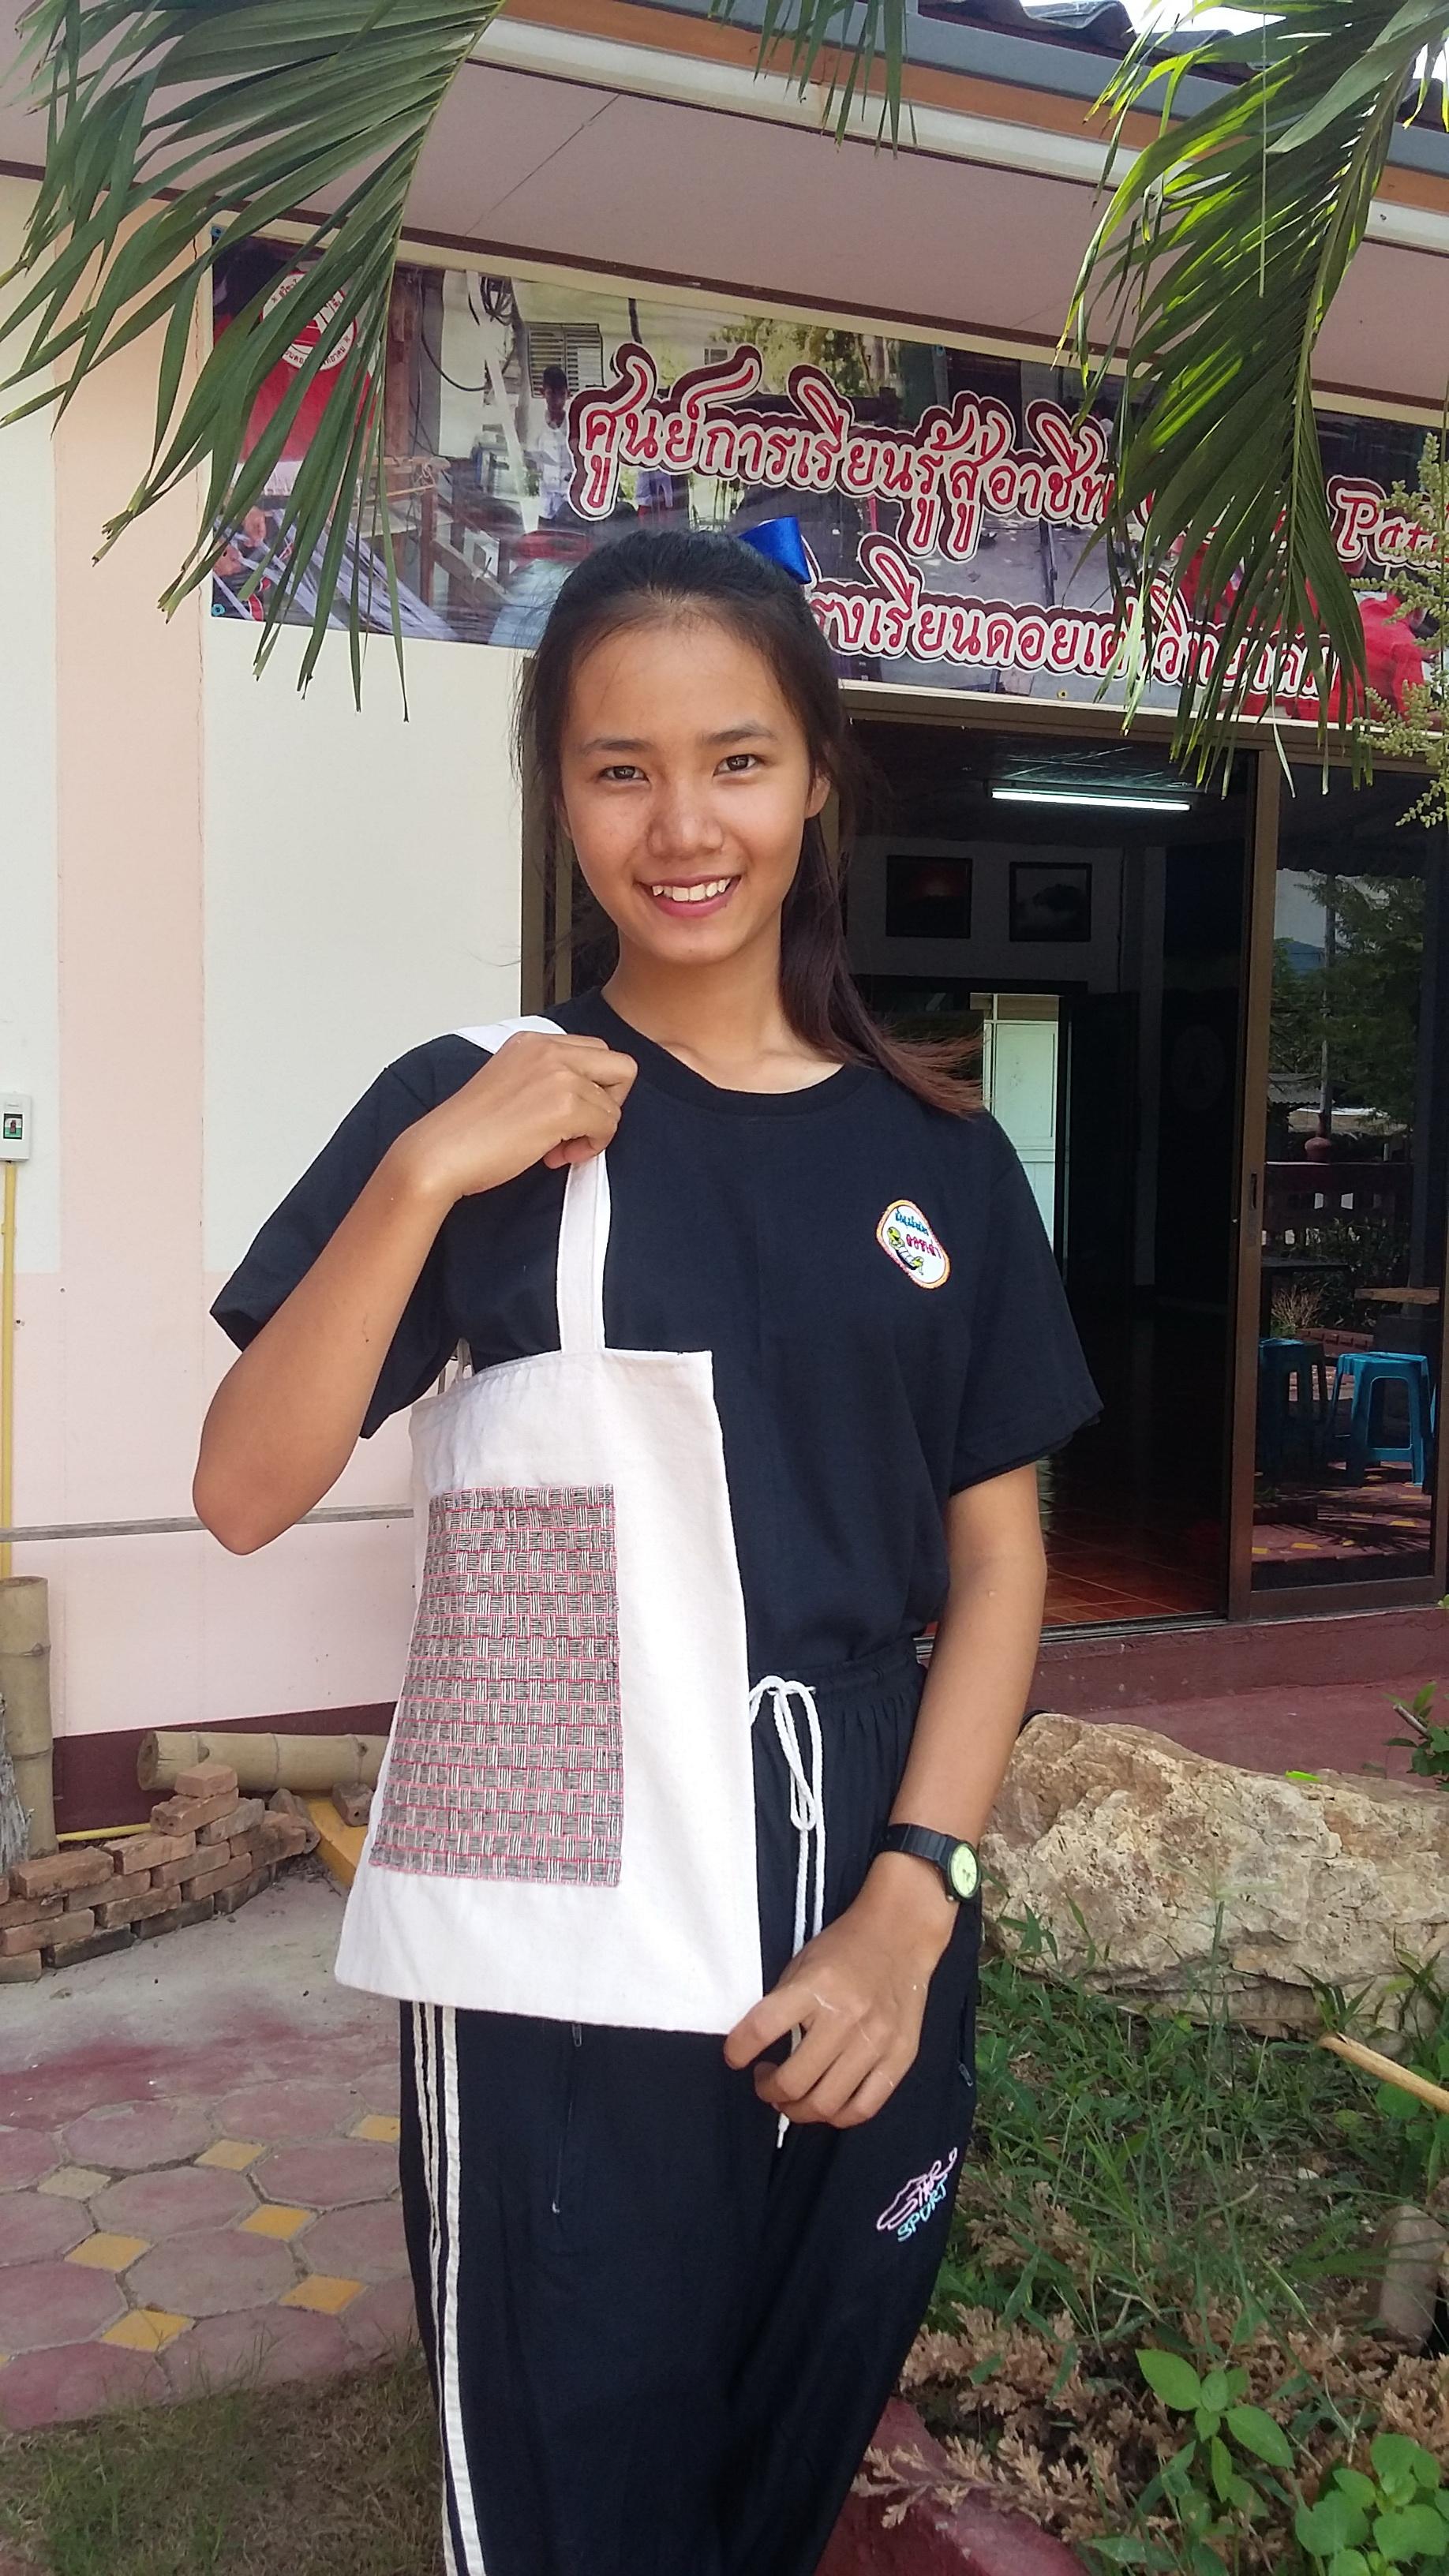 กระเป๋าเอนกประสงค์ลายเกล็ดเต่า(This versatile bag Turtle scales)